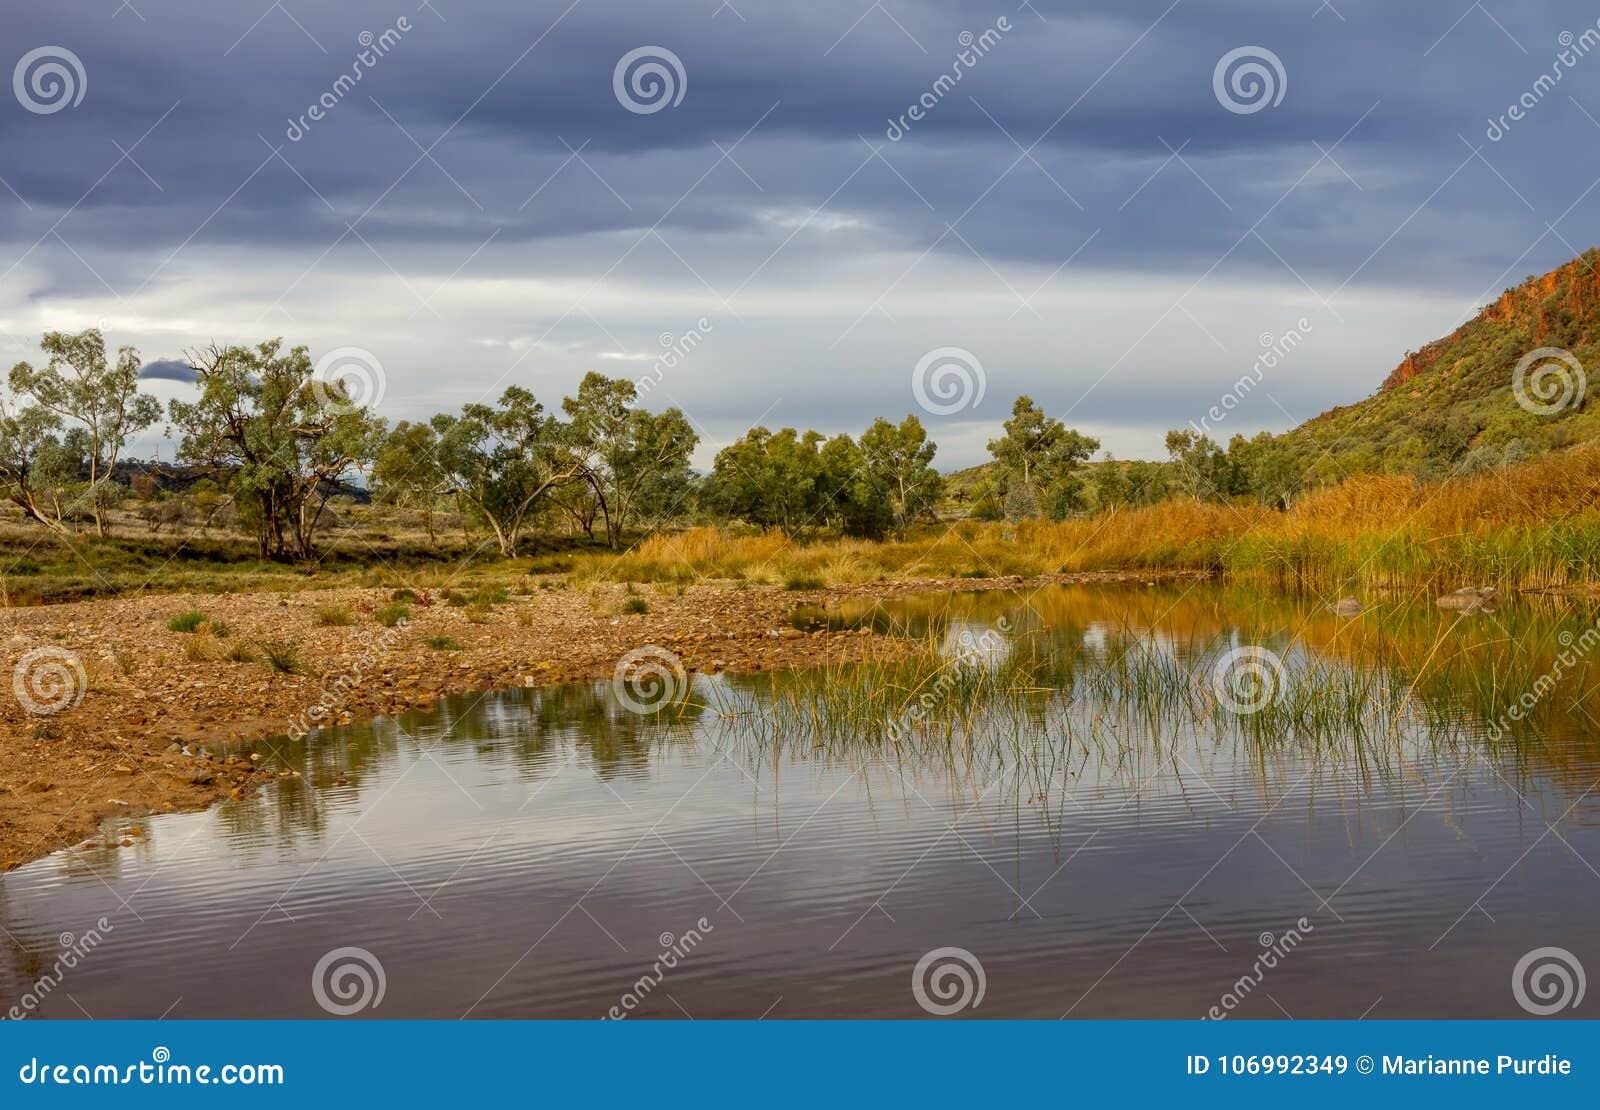 Árboles y cañas de goma en el agujero de agua en Glen Helen Gorge